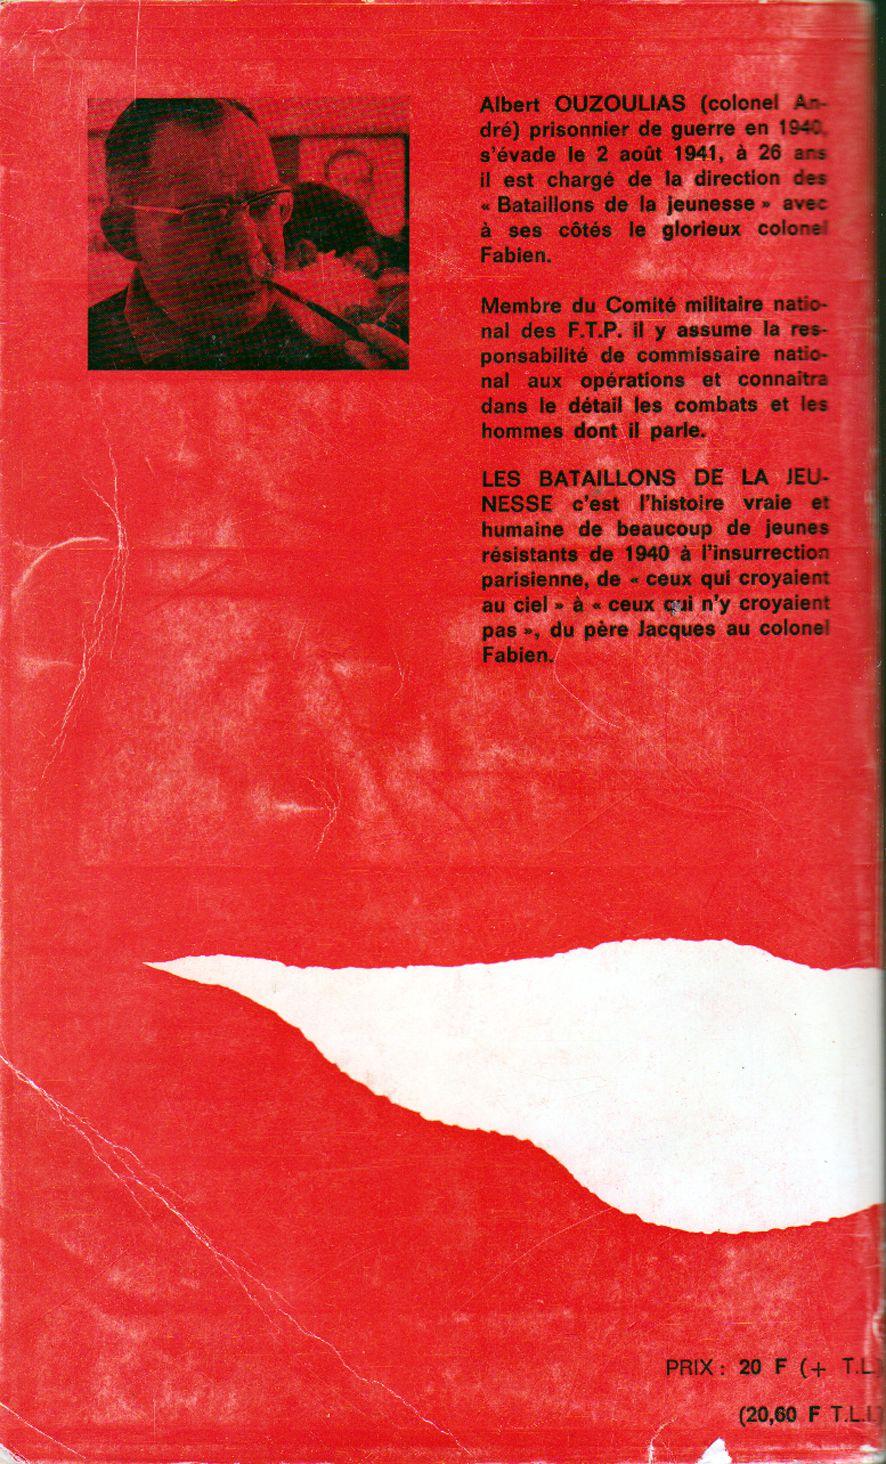 Les Bataillons de la Jeunesse - Albert Ouzoulias